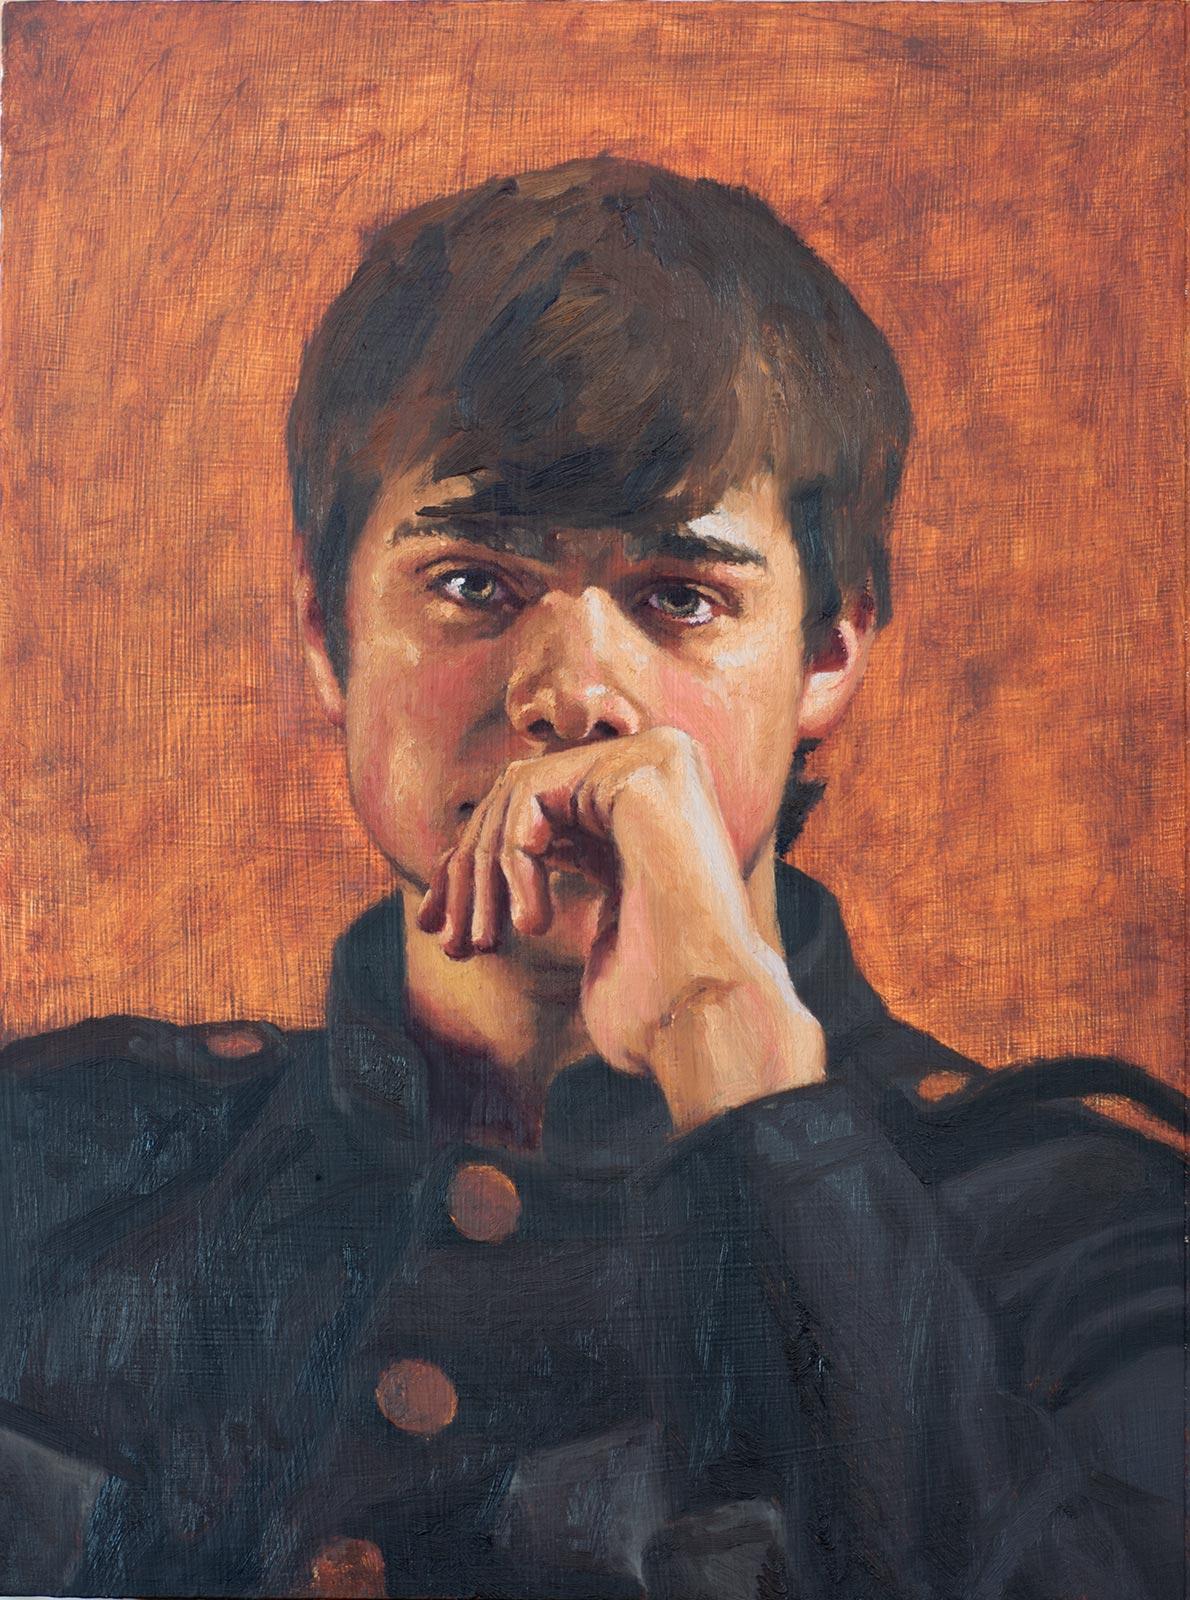 Portrait of Josh (in progress)